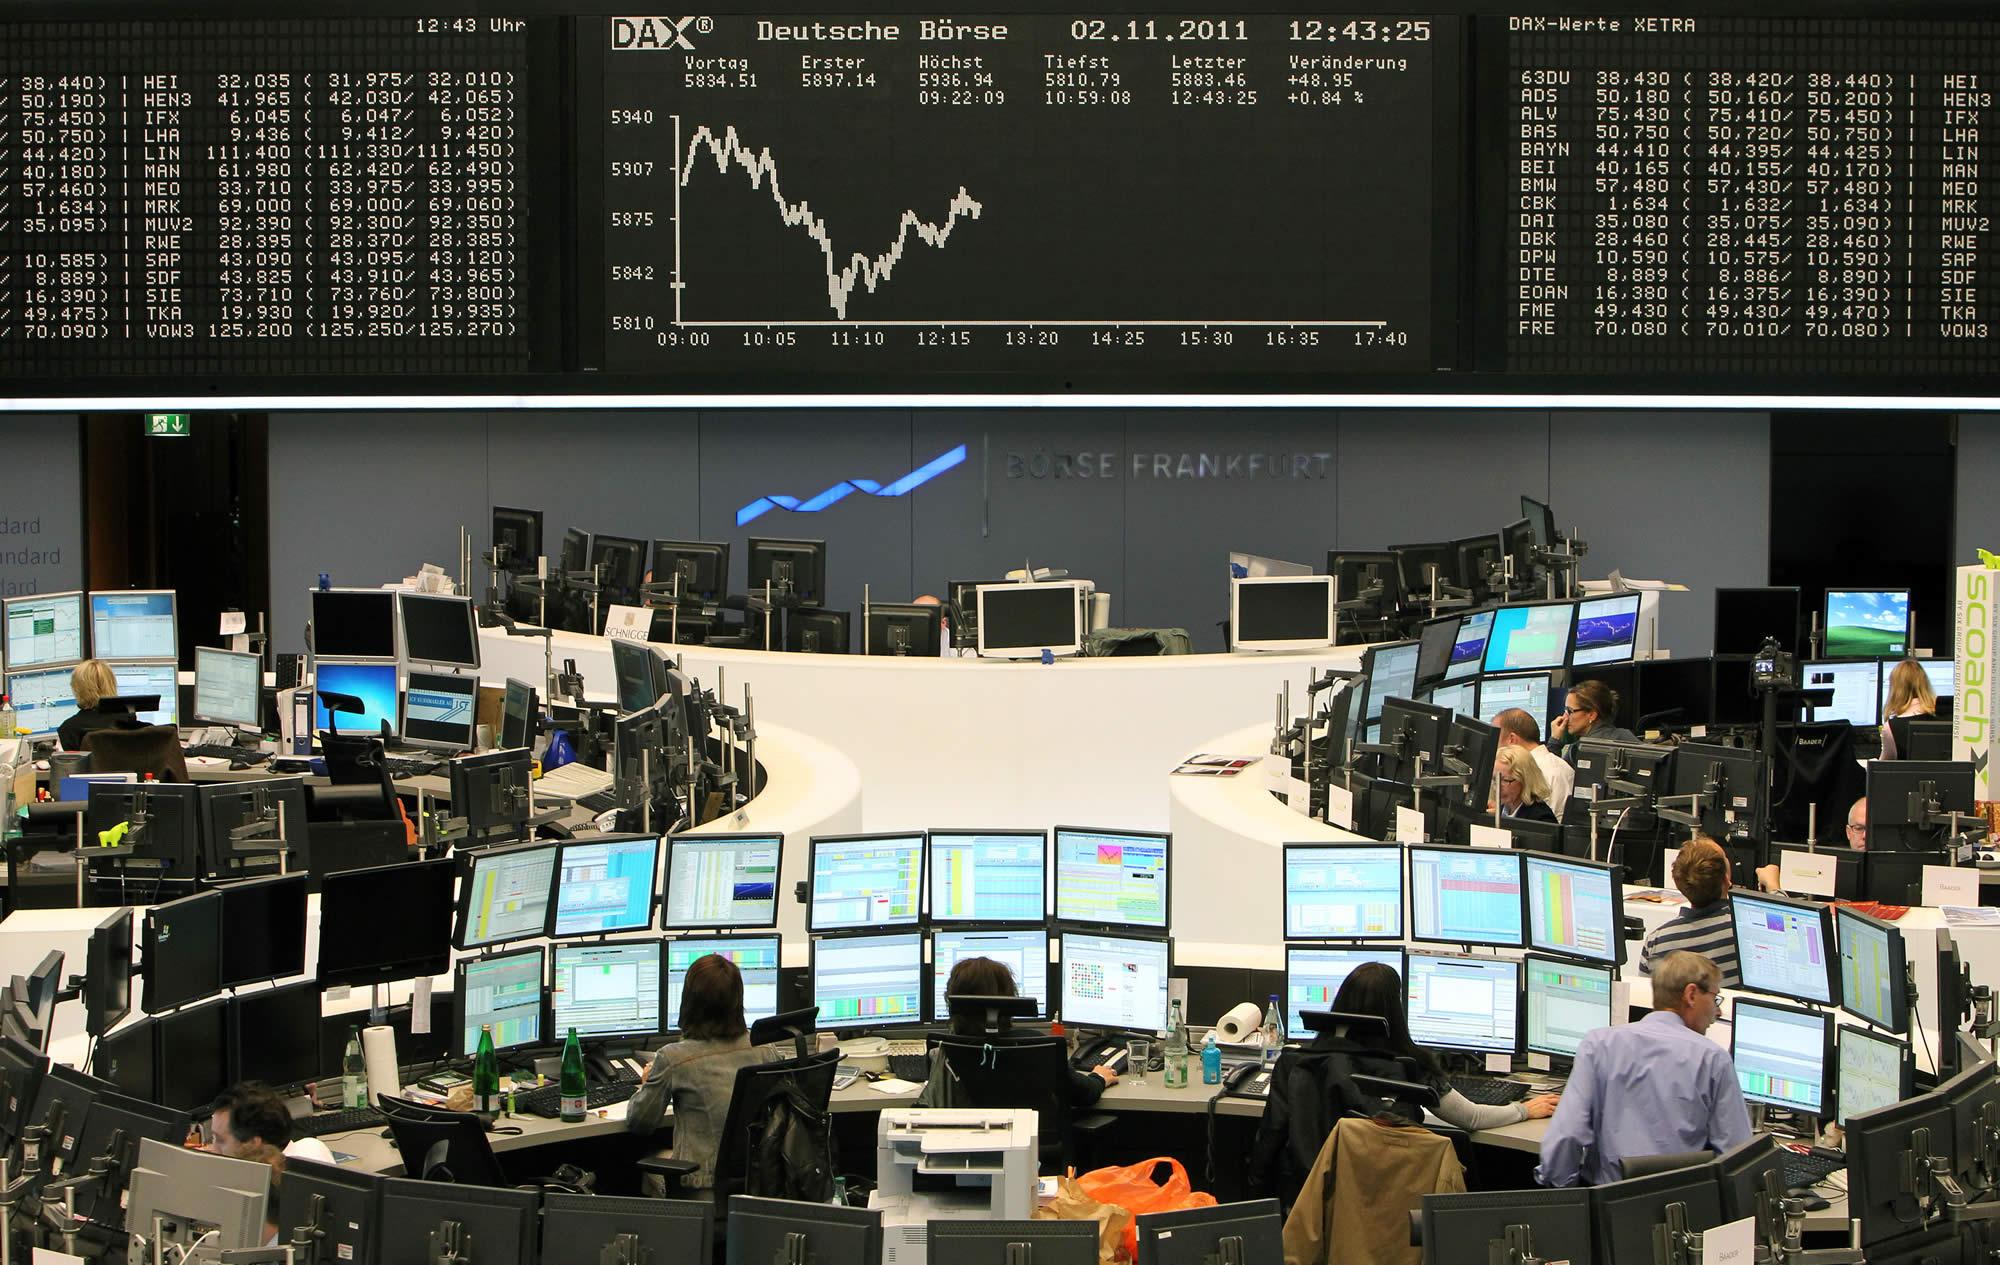 7e1931fa87 Borse europee tutte in rosso e lo spread ritorna a salire